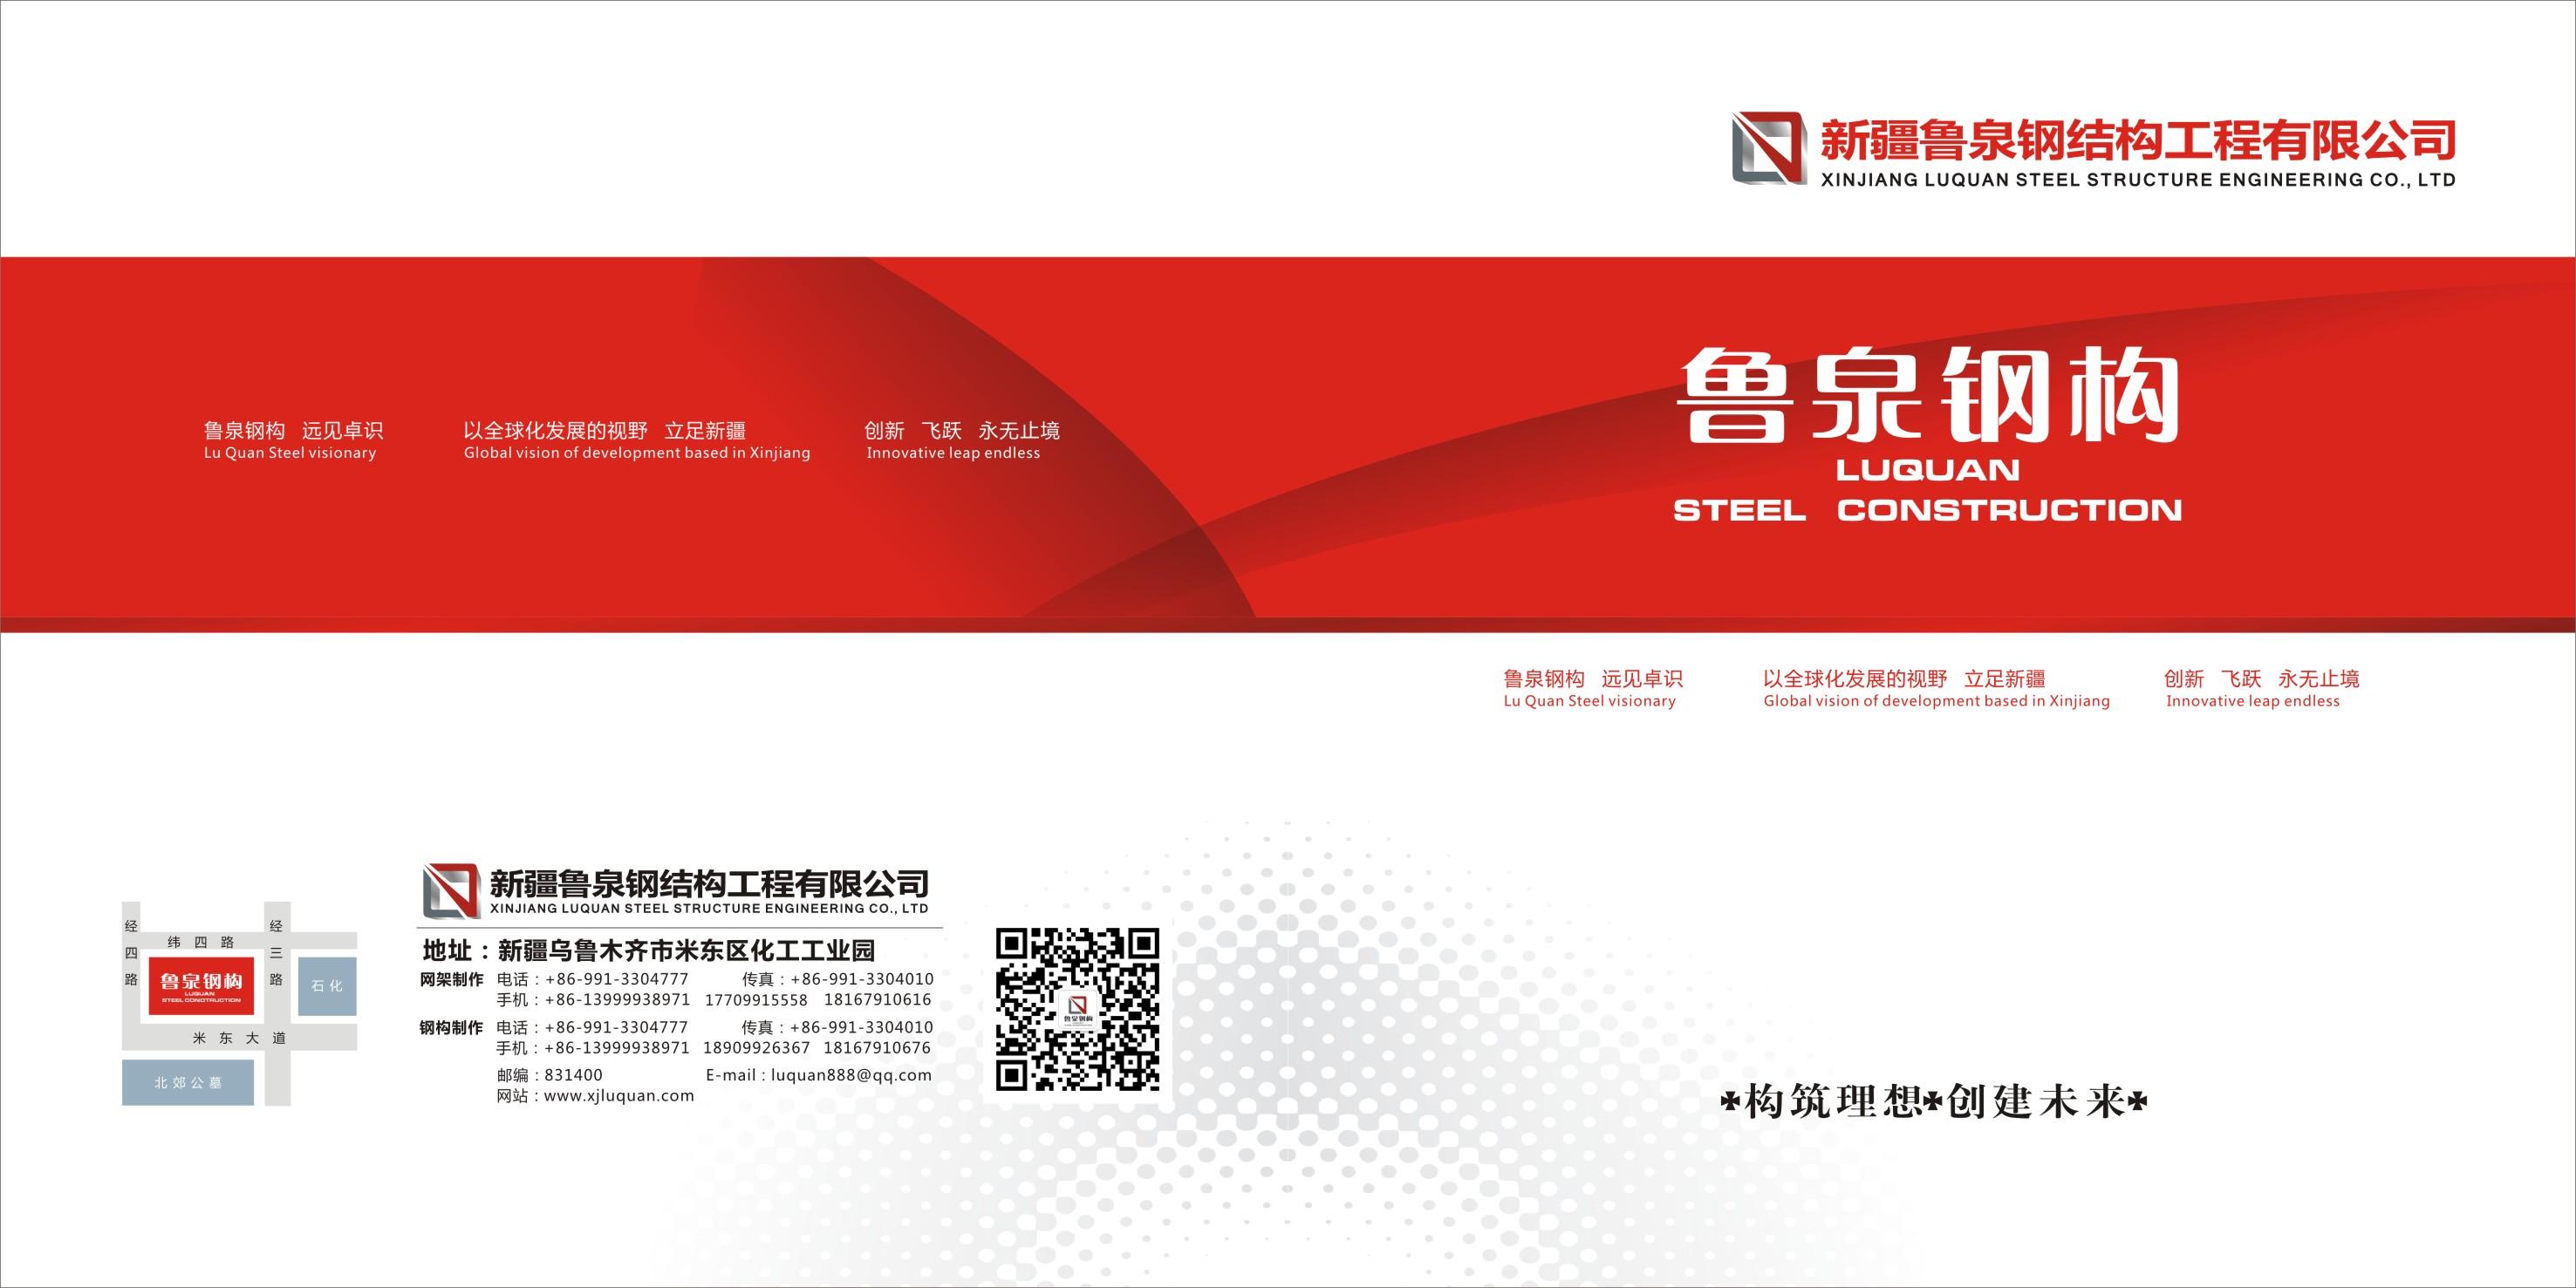 宣传册首页 公司文化 新疆鲁泉钢结构工程有限公司